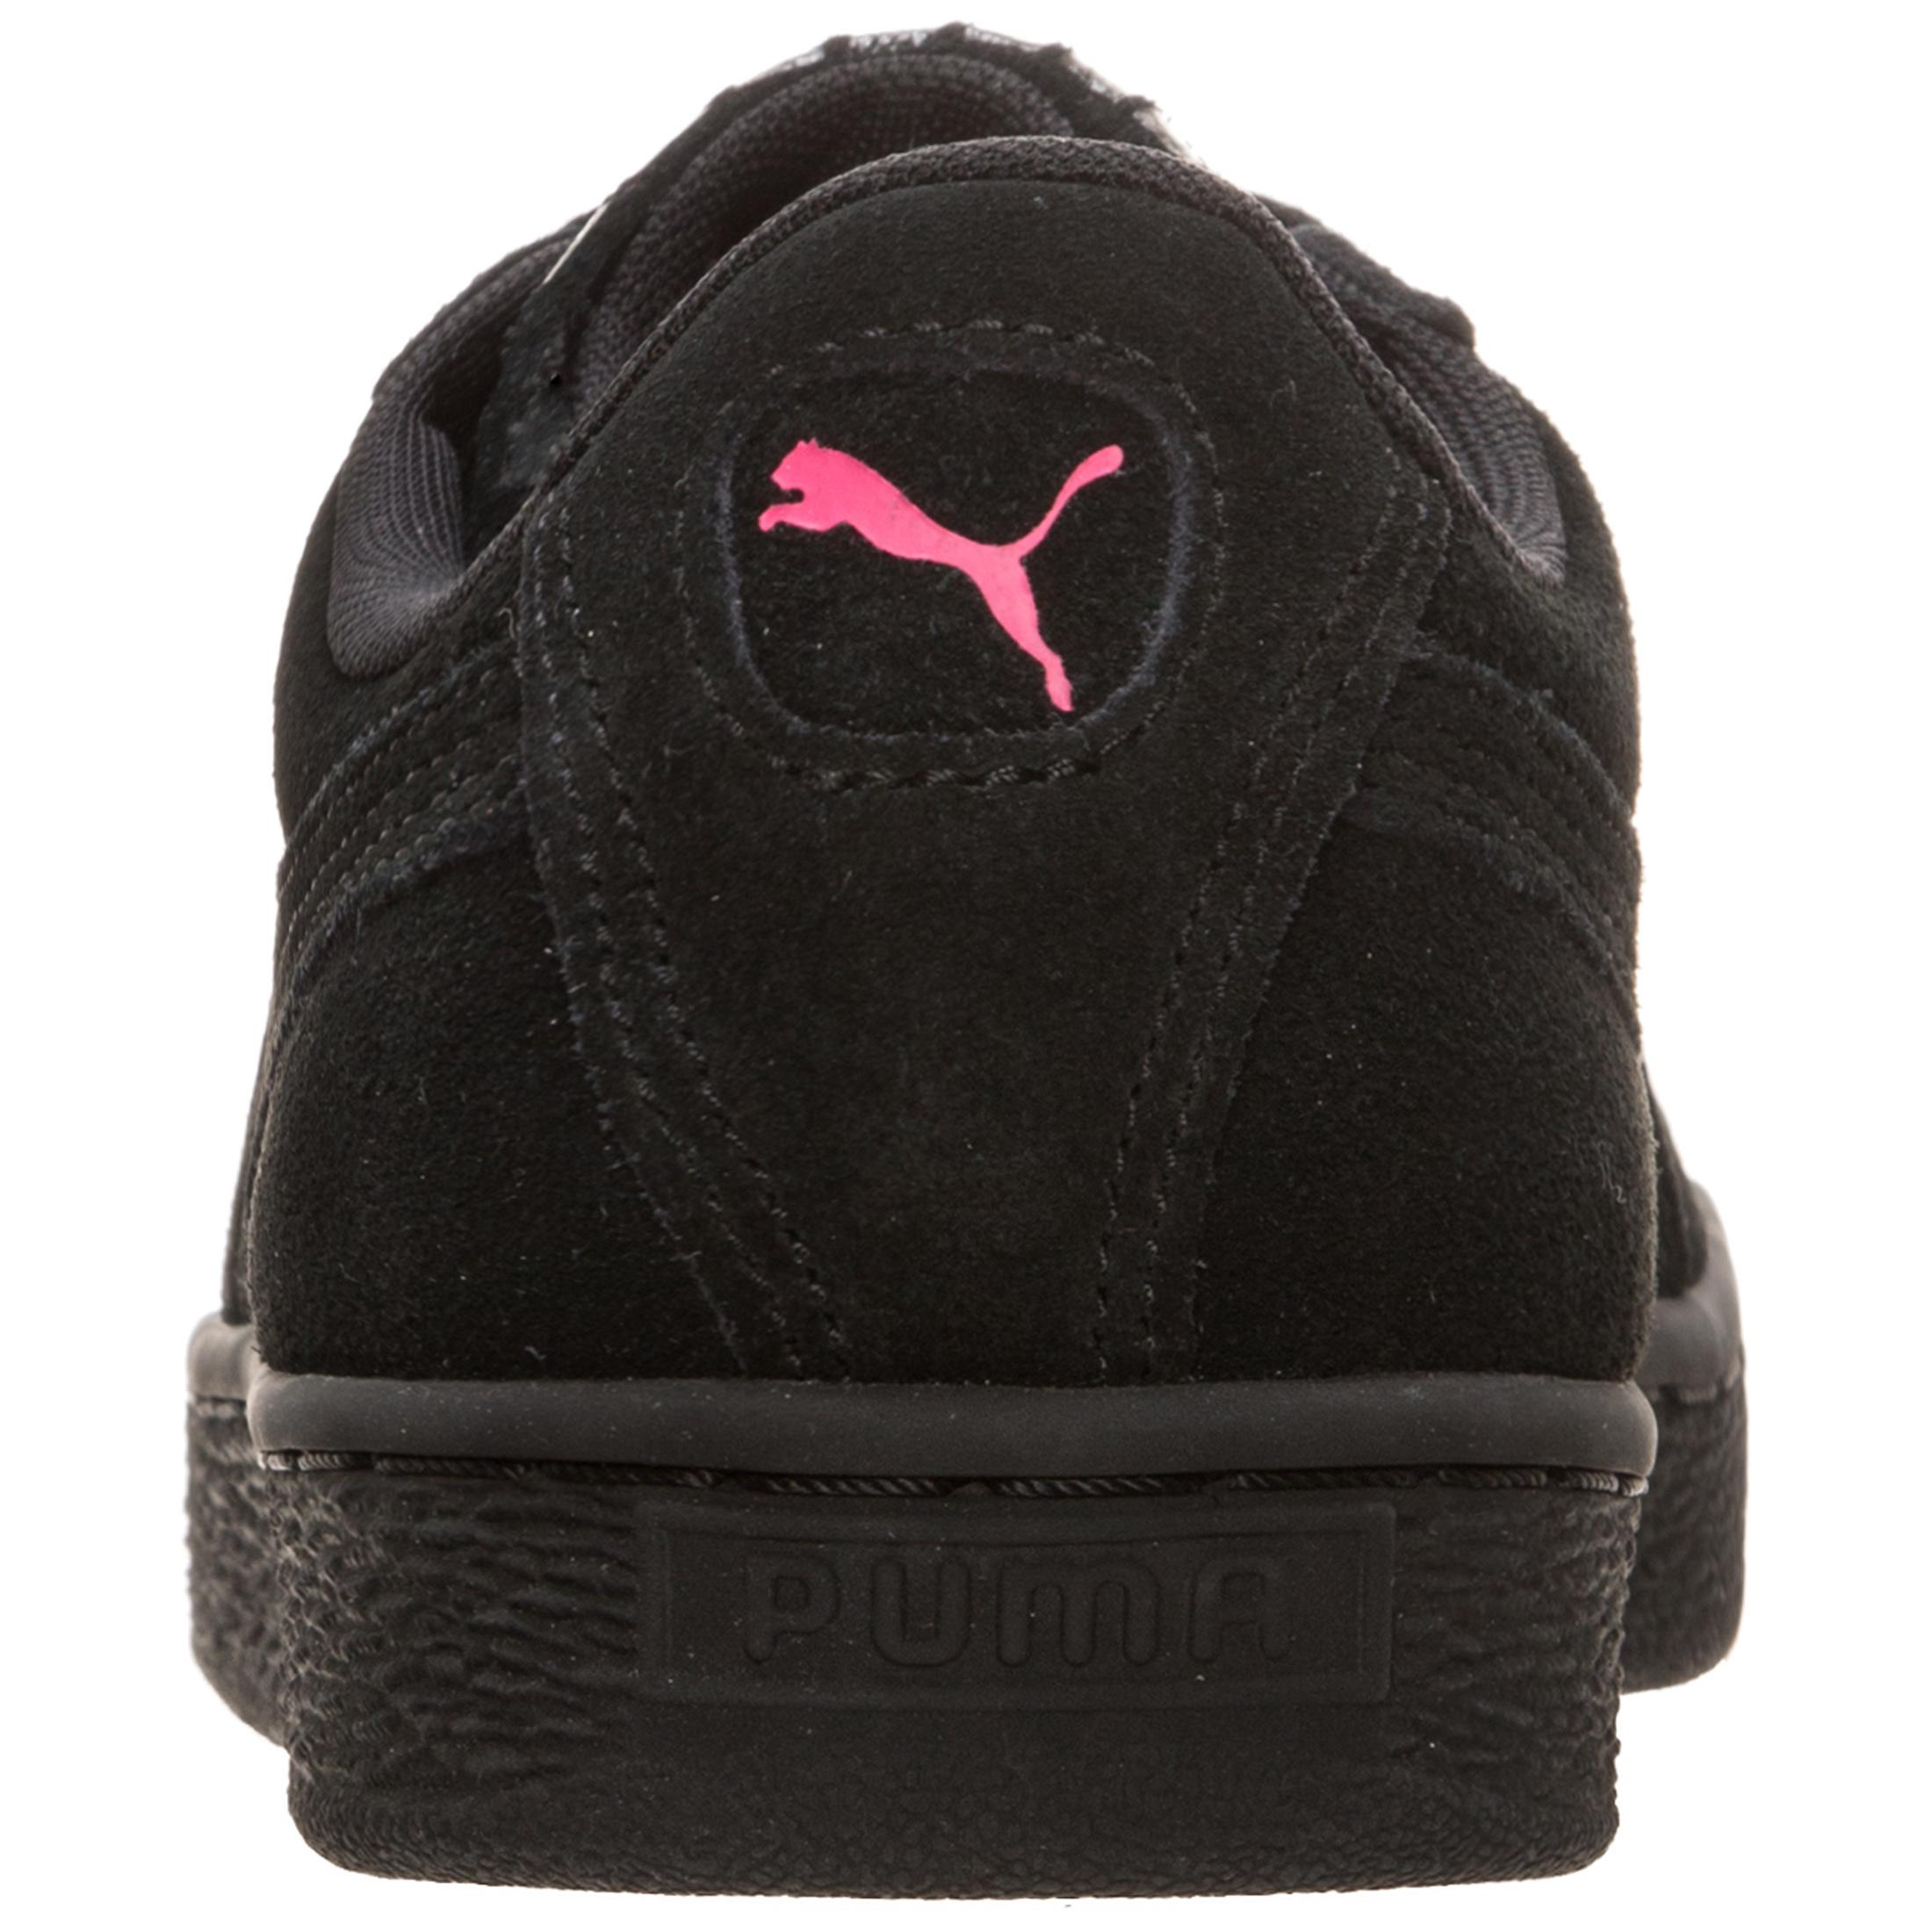 PUMA Suede Classic Sneaker Damen Damen Damen schwarz / pink im Online Shop von SportScheck kaufen Gute Qualität beliebte Schuhe 50e190